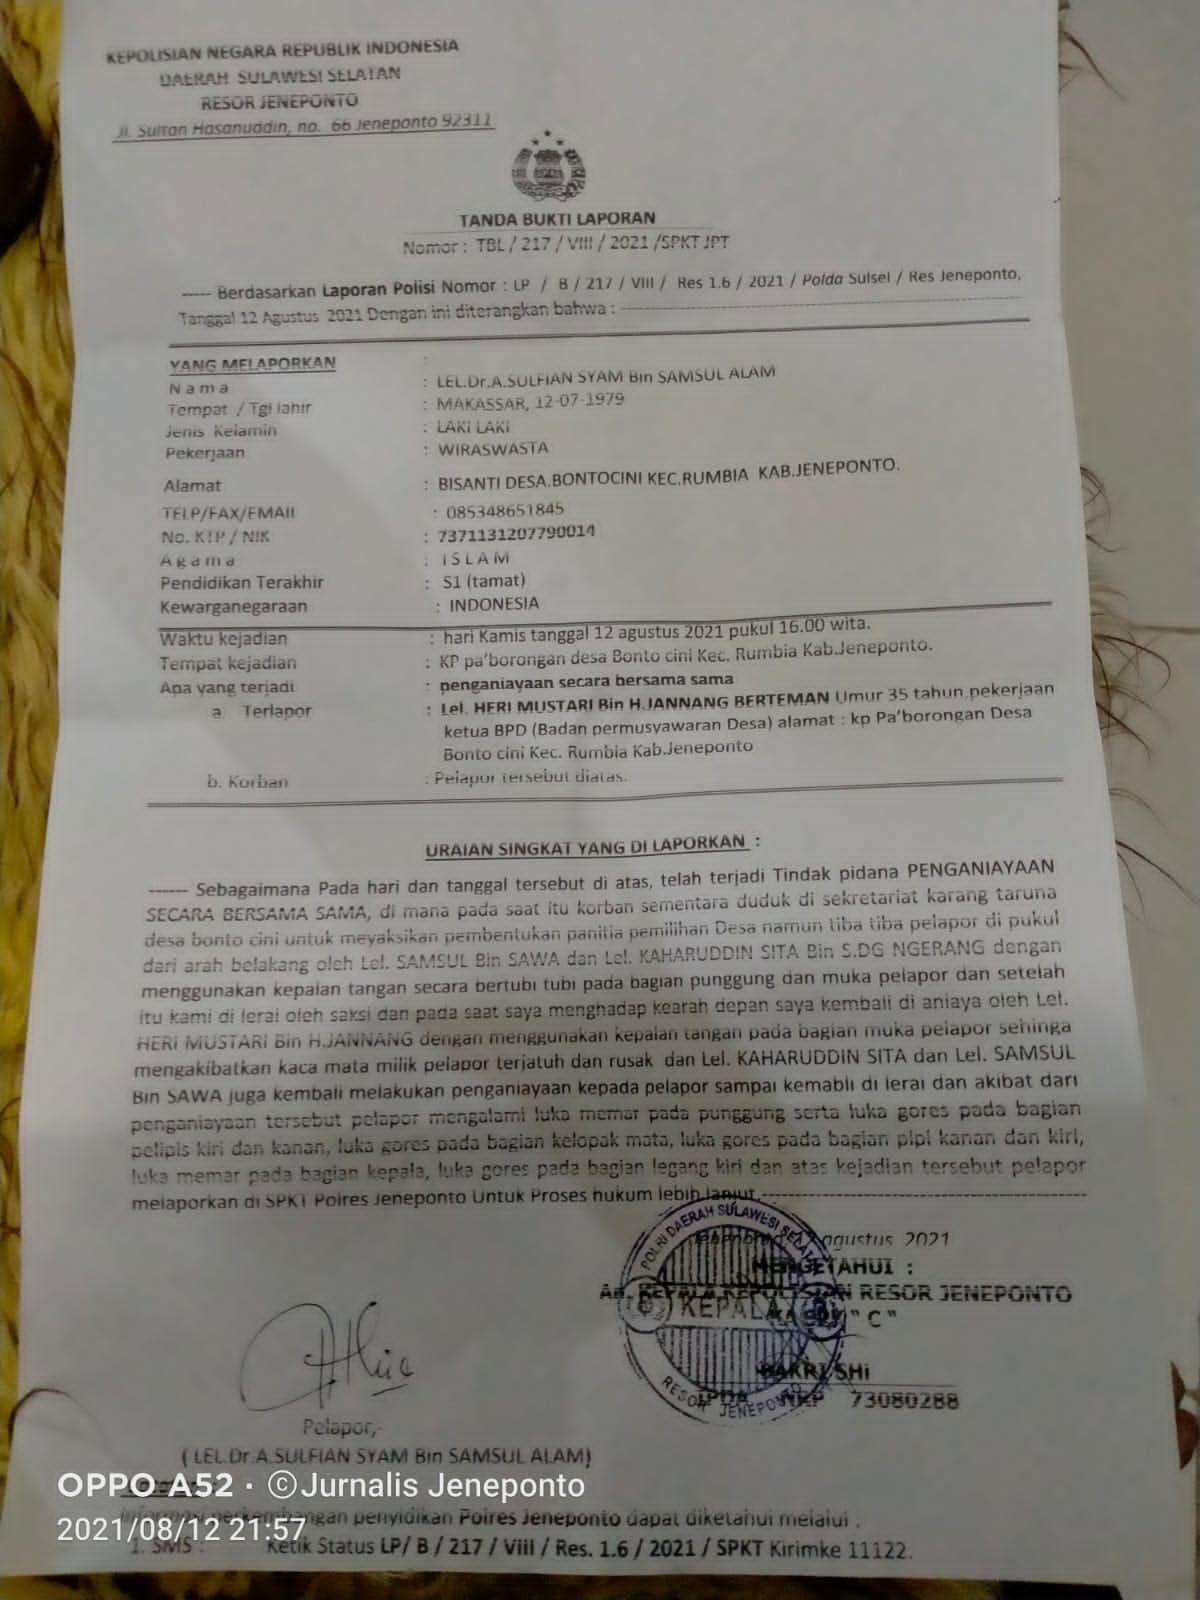 Diduga Lakukan Penganiayaan, Ketua BPD Desa Bontocini Rumbia Dilapor Polisi